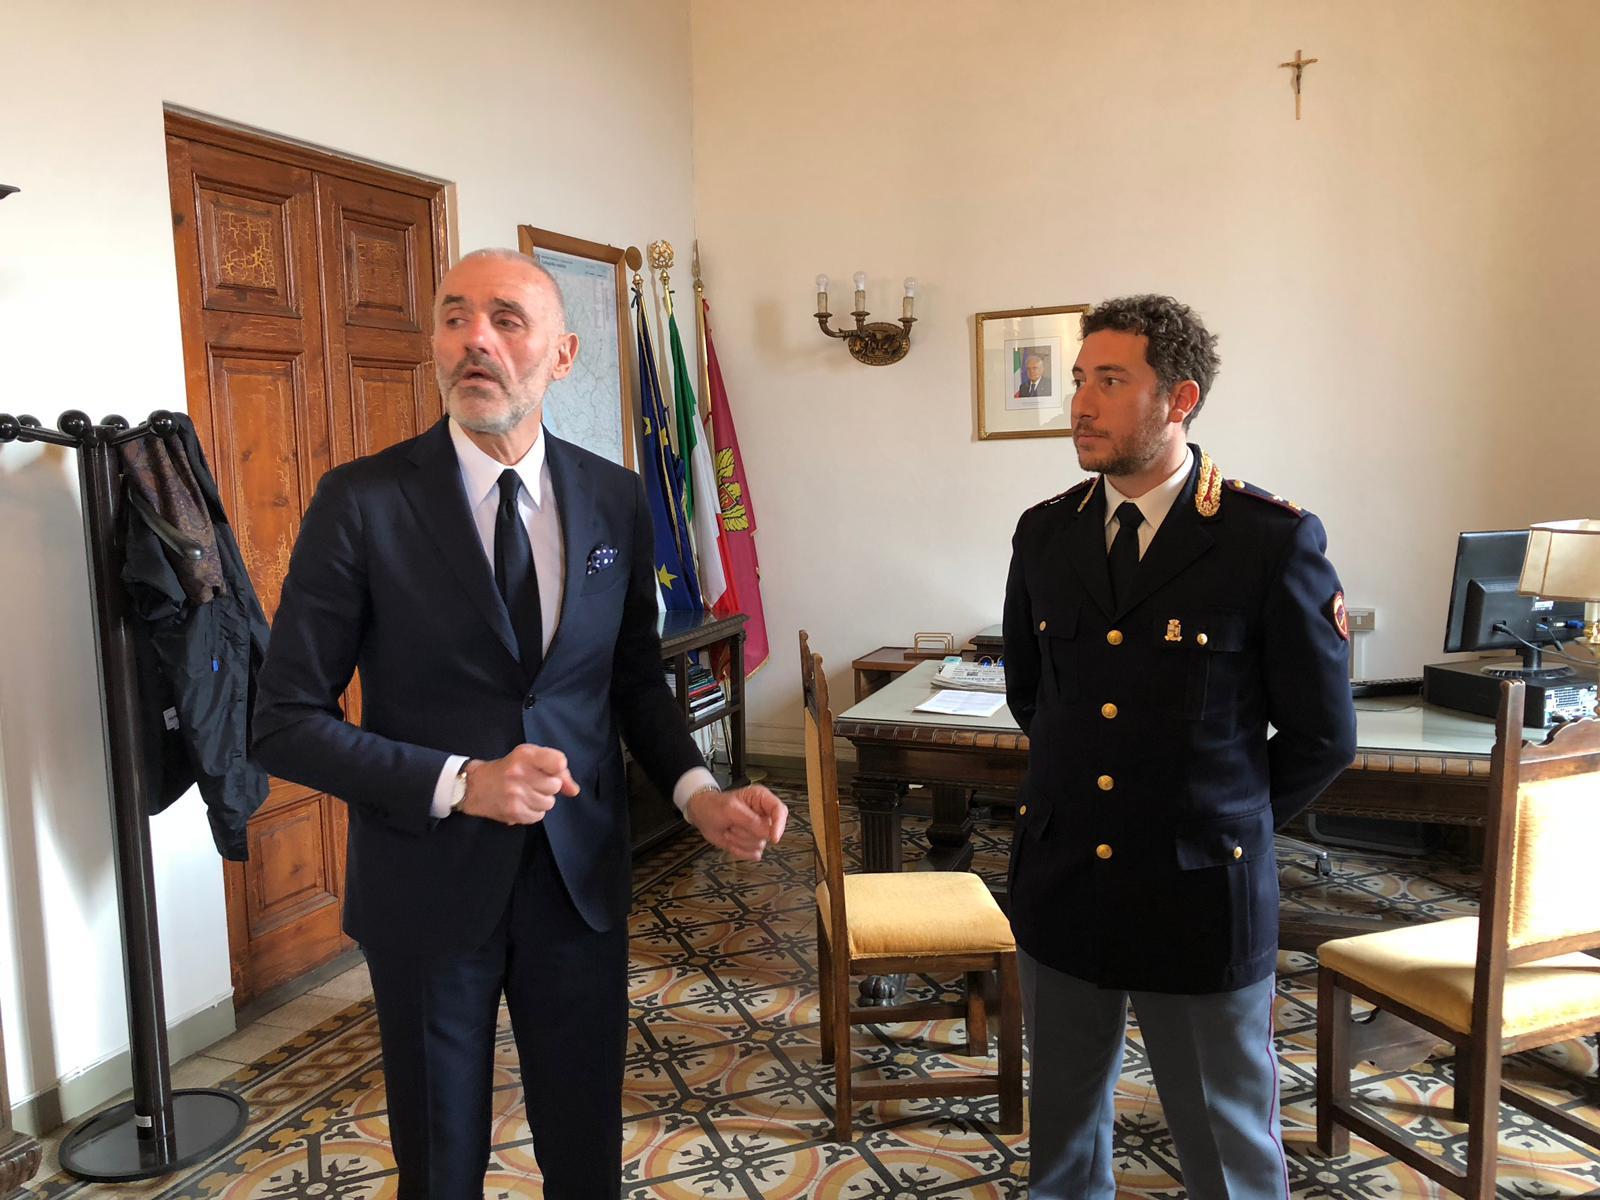 Si insedia il nuovo questore: Maurizio Dalle Mura si presenta alla stampa